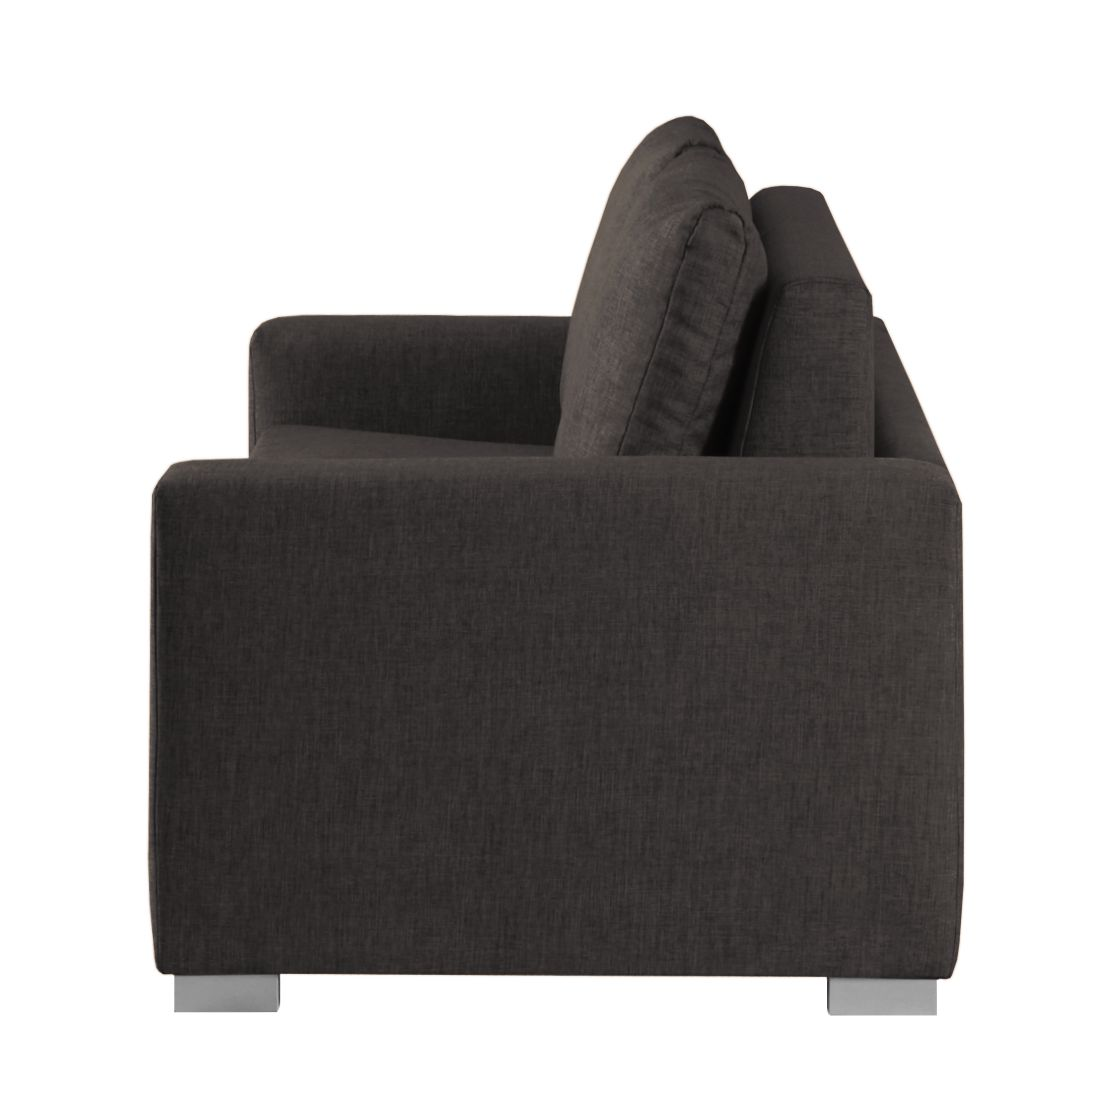 schlafsofa latina webstoff schwarzbraun home24 - Eckschlafsofa Die Praktischen Sofa Fur Ihren Komfort